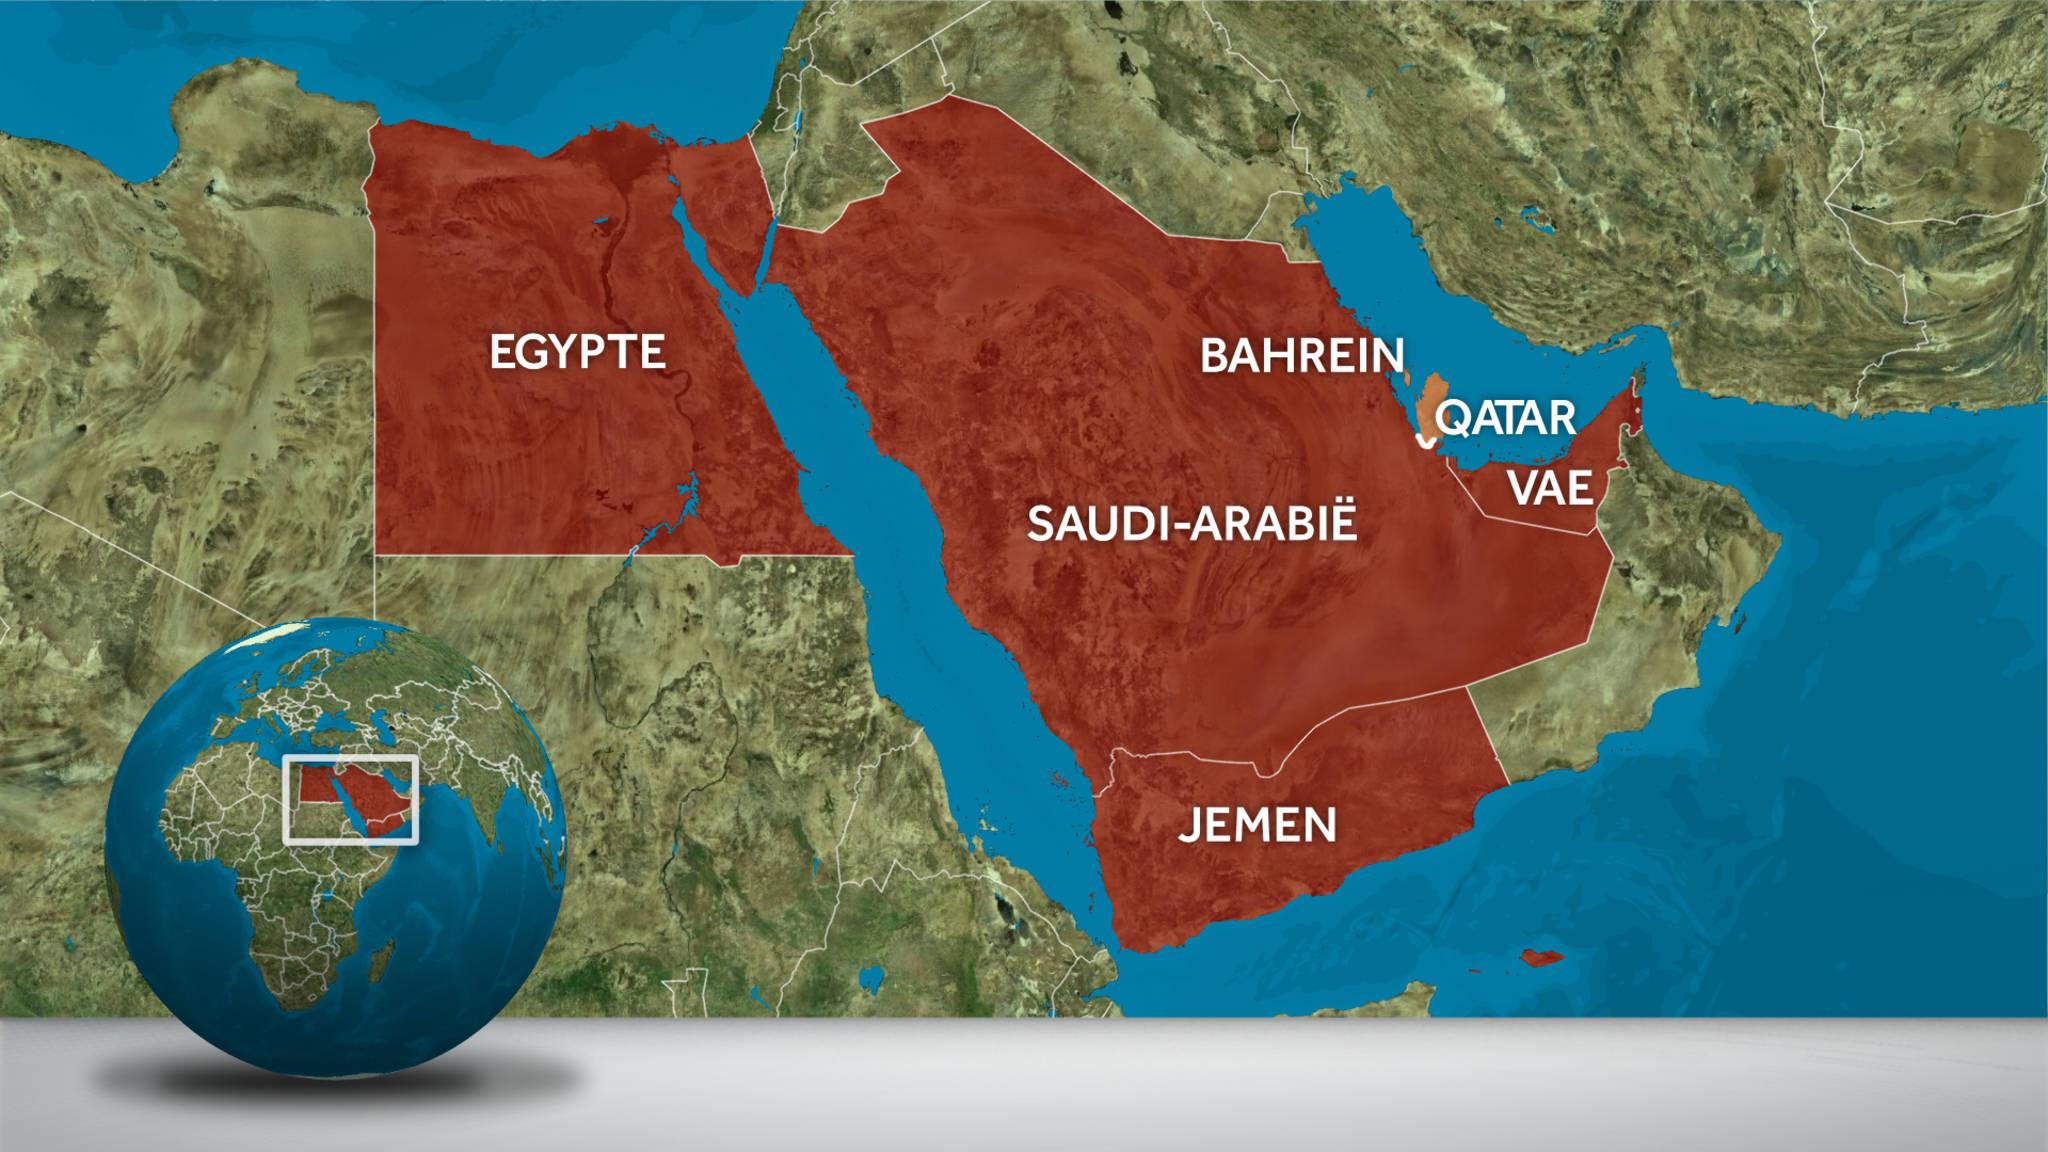 Verenigde Arabische Emiraten dating sites